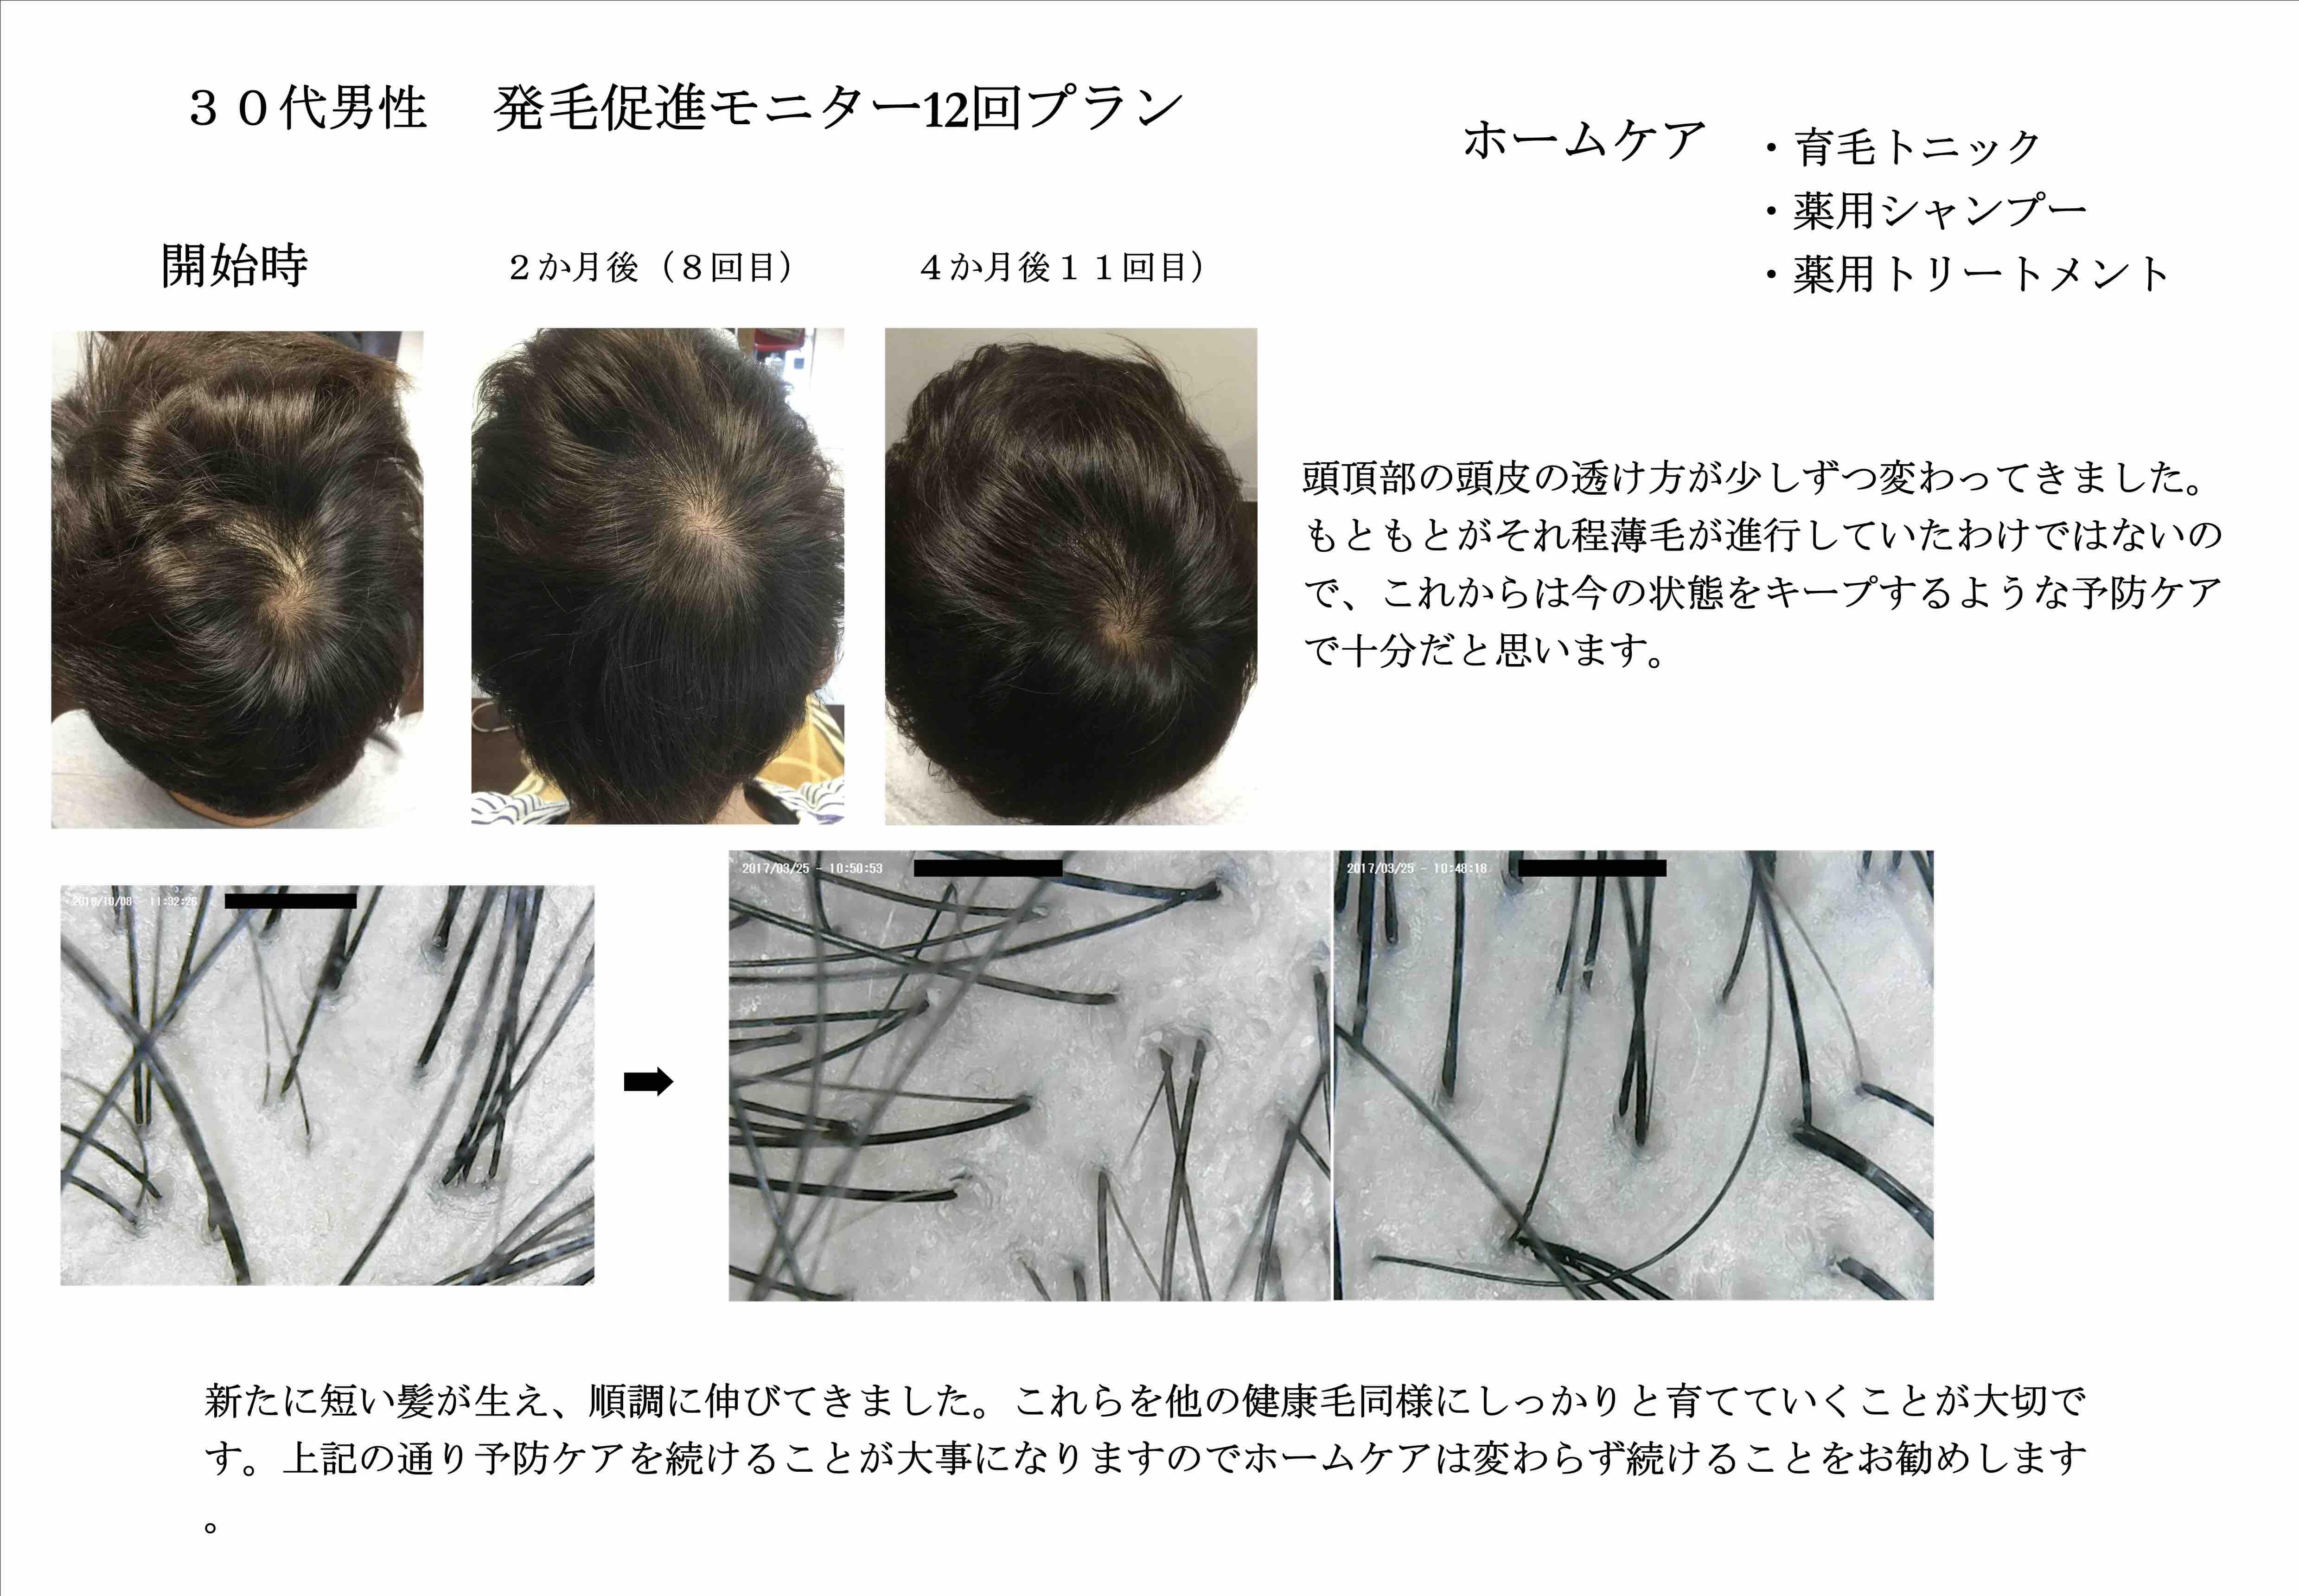 【発毛促進】30代男性スカルプモニター